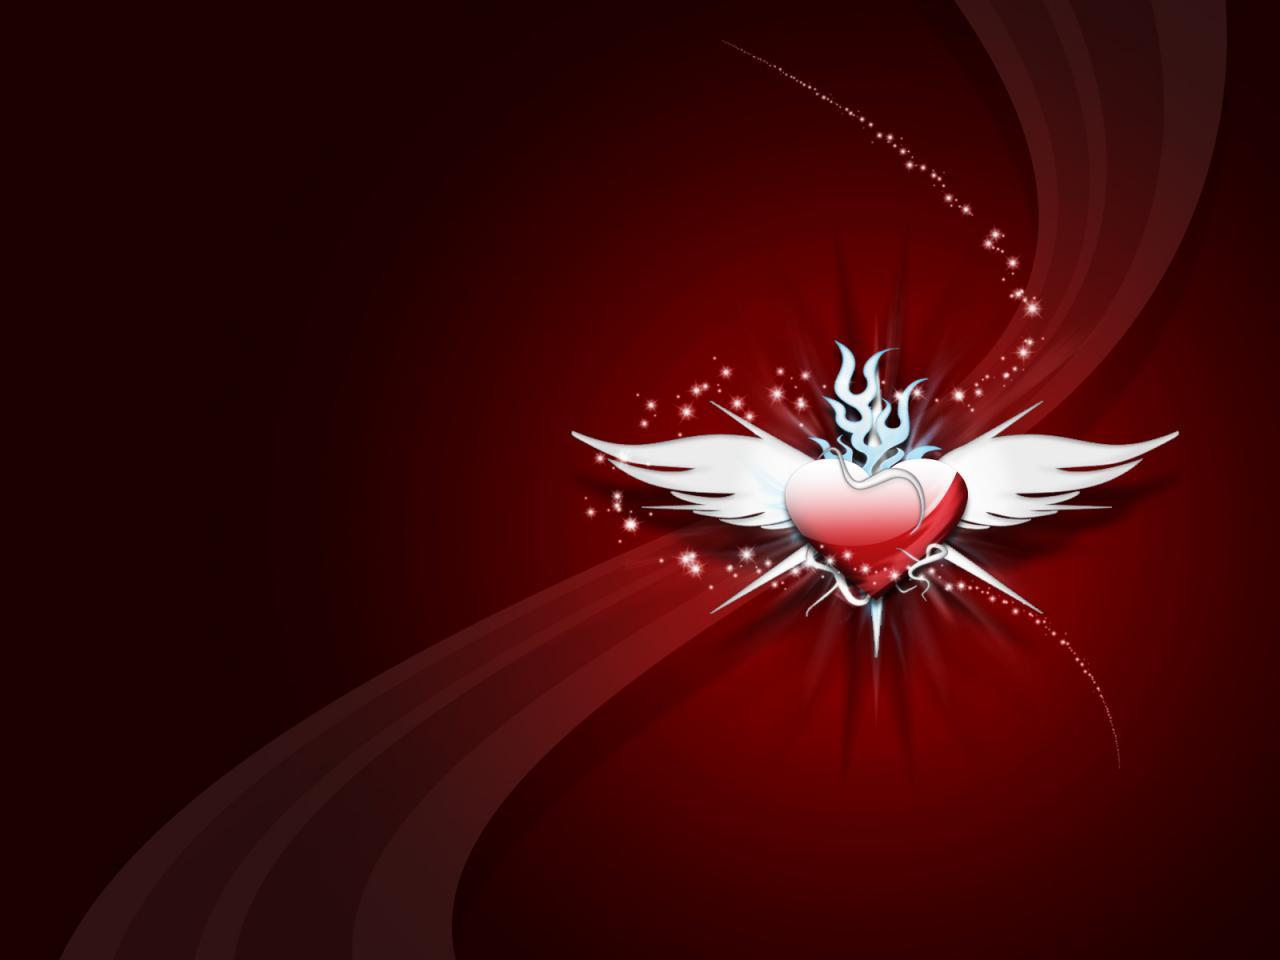 صورة صورجميلة للفيس بوك , اجمل الصور المتنوعة للفيس بوك